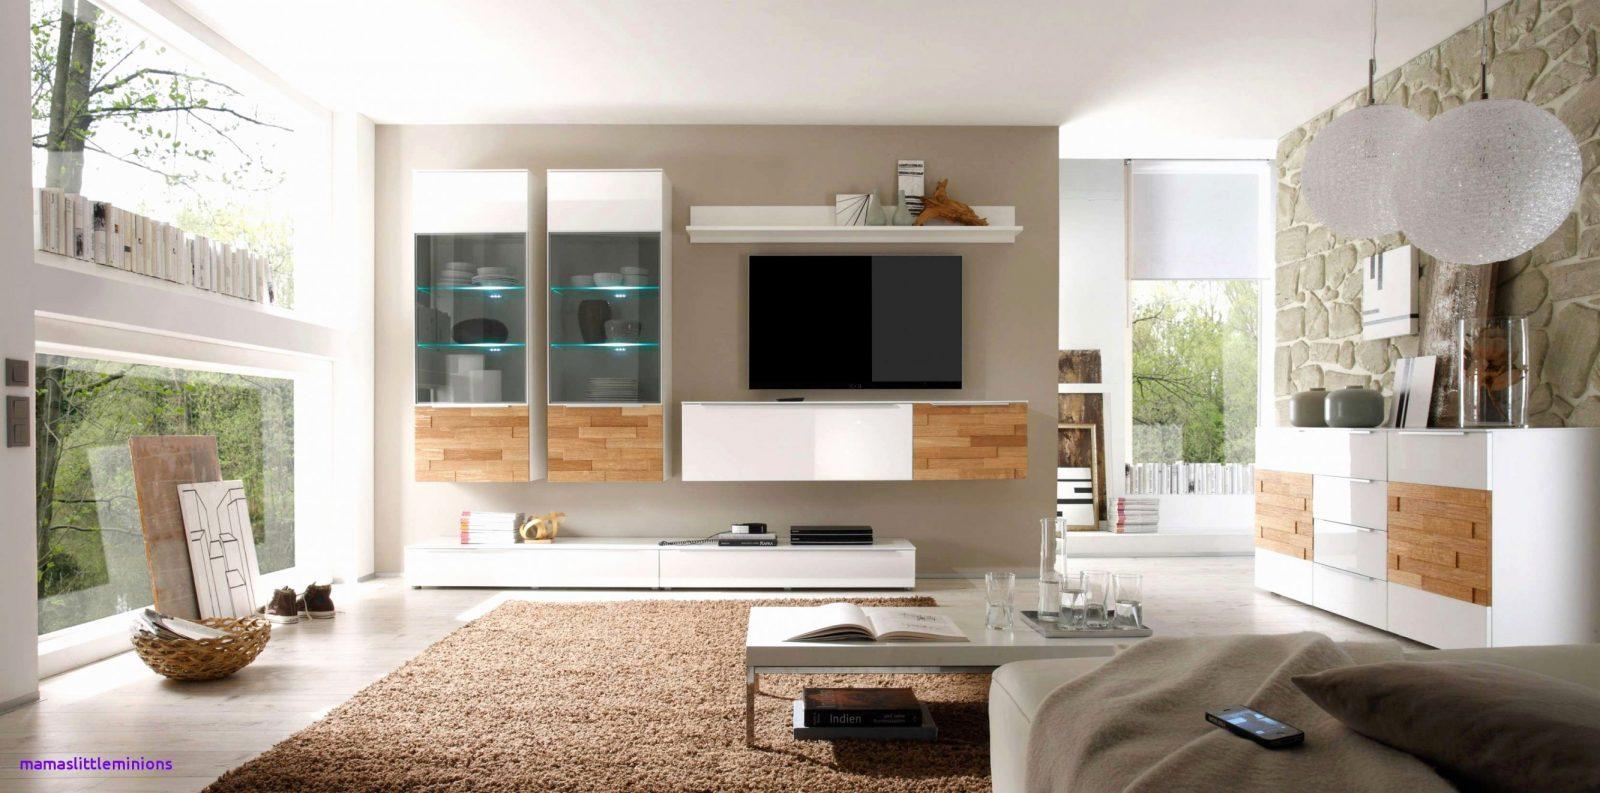 45 Sammlungen Von Schlafzimmer Renovieren Vorher Nachher von Schlafzimmer Renovieren Vorher Nachher Bild